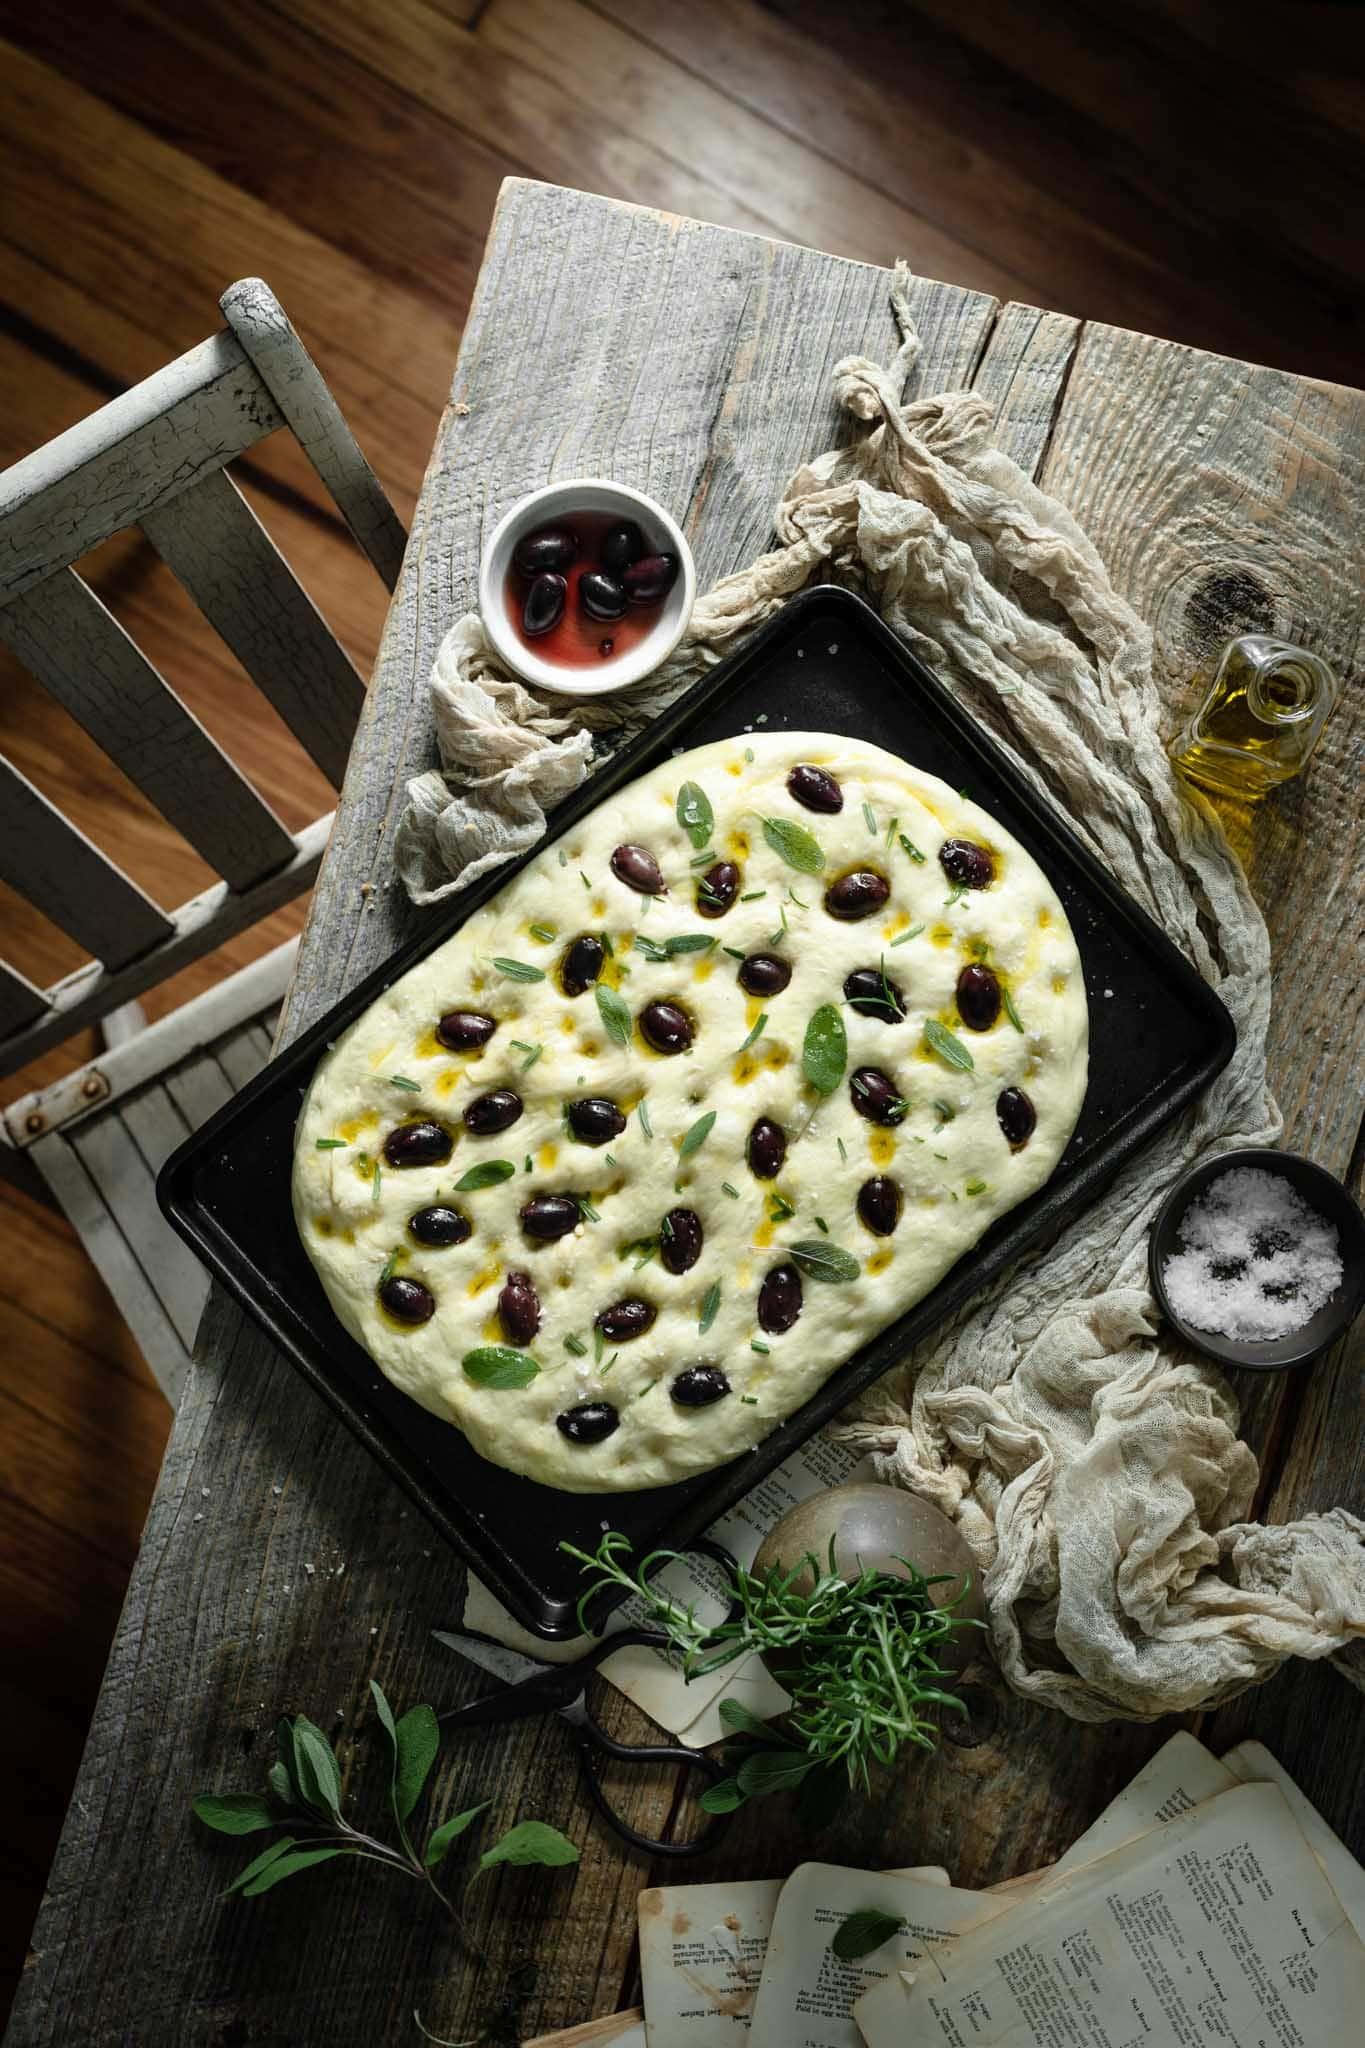 focaccia dough with herbs on a pan.